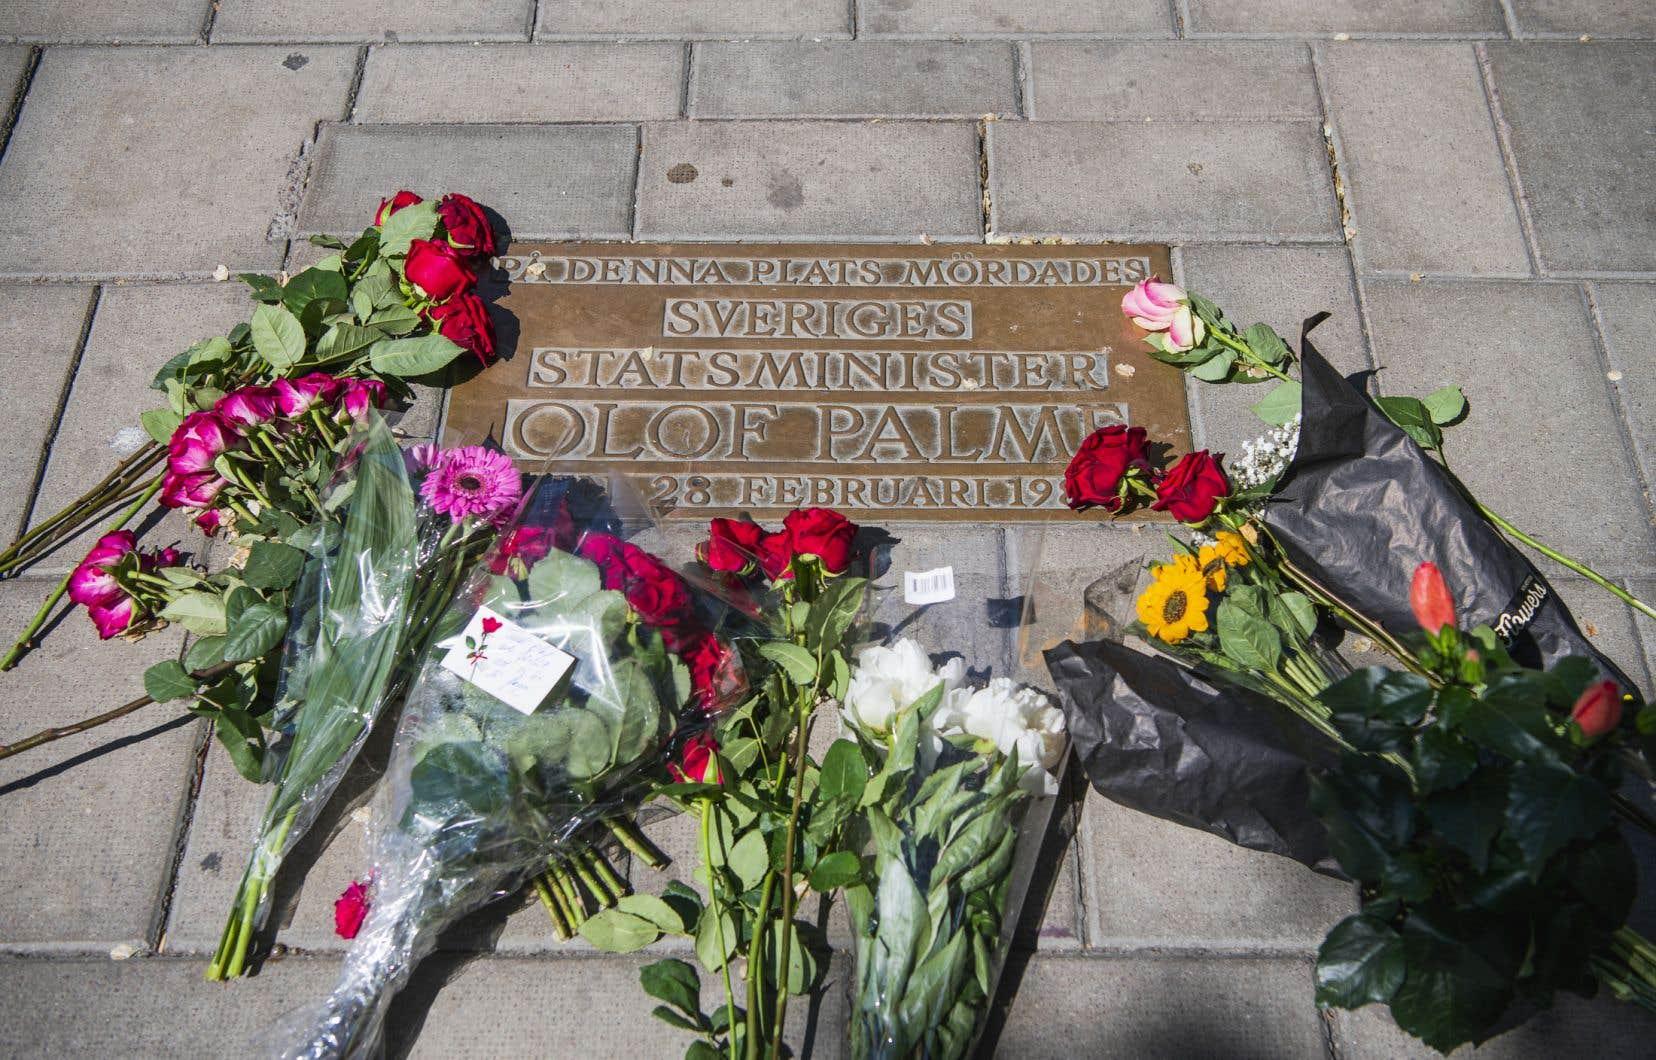 Des fleurs ont été déposées sur la plaque commémorative au centre de Stockholm, où le Premier ministre suédois Olof Palme fut assassiné en février 1986.